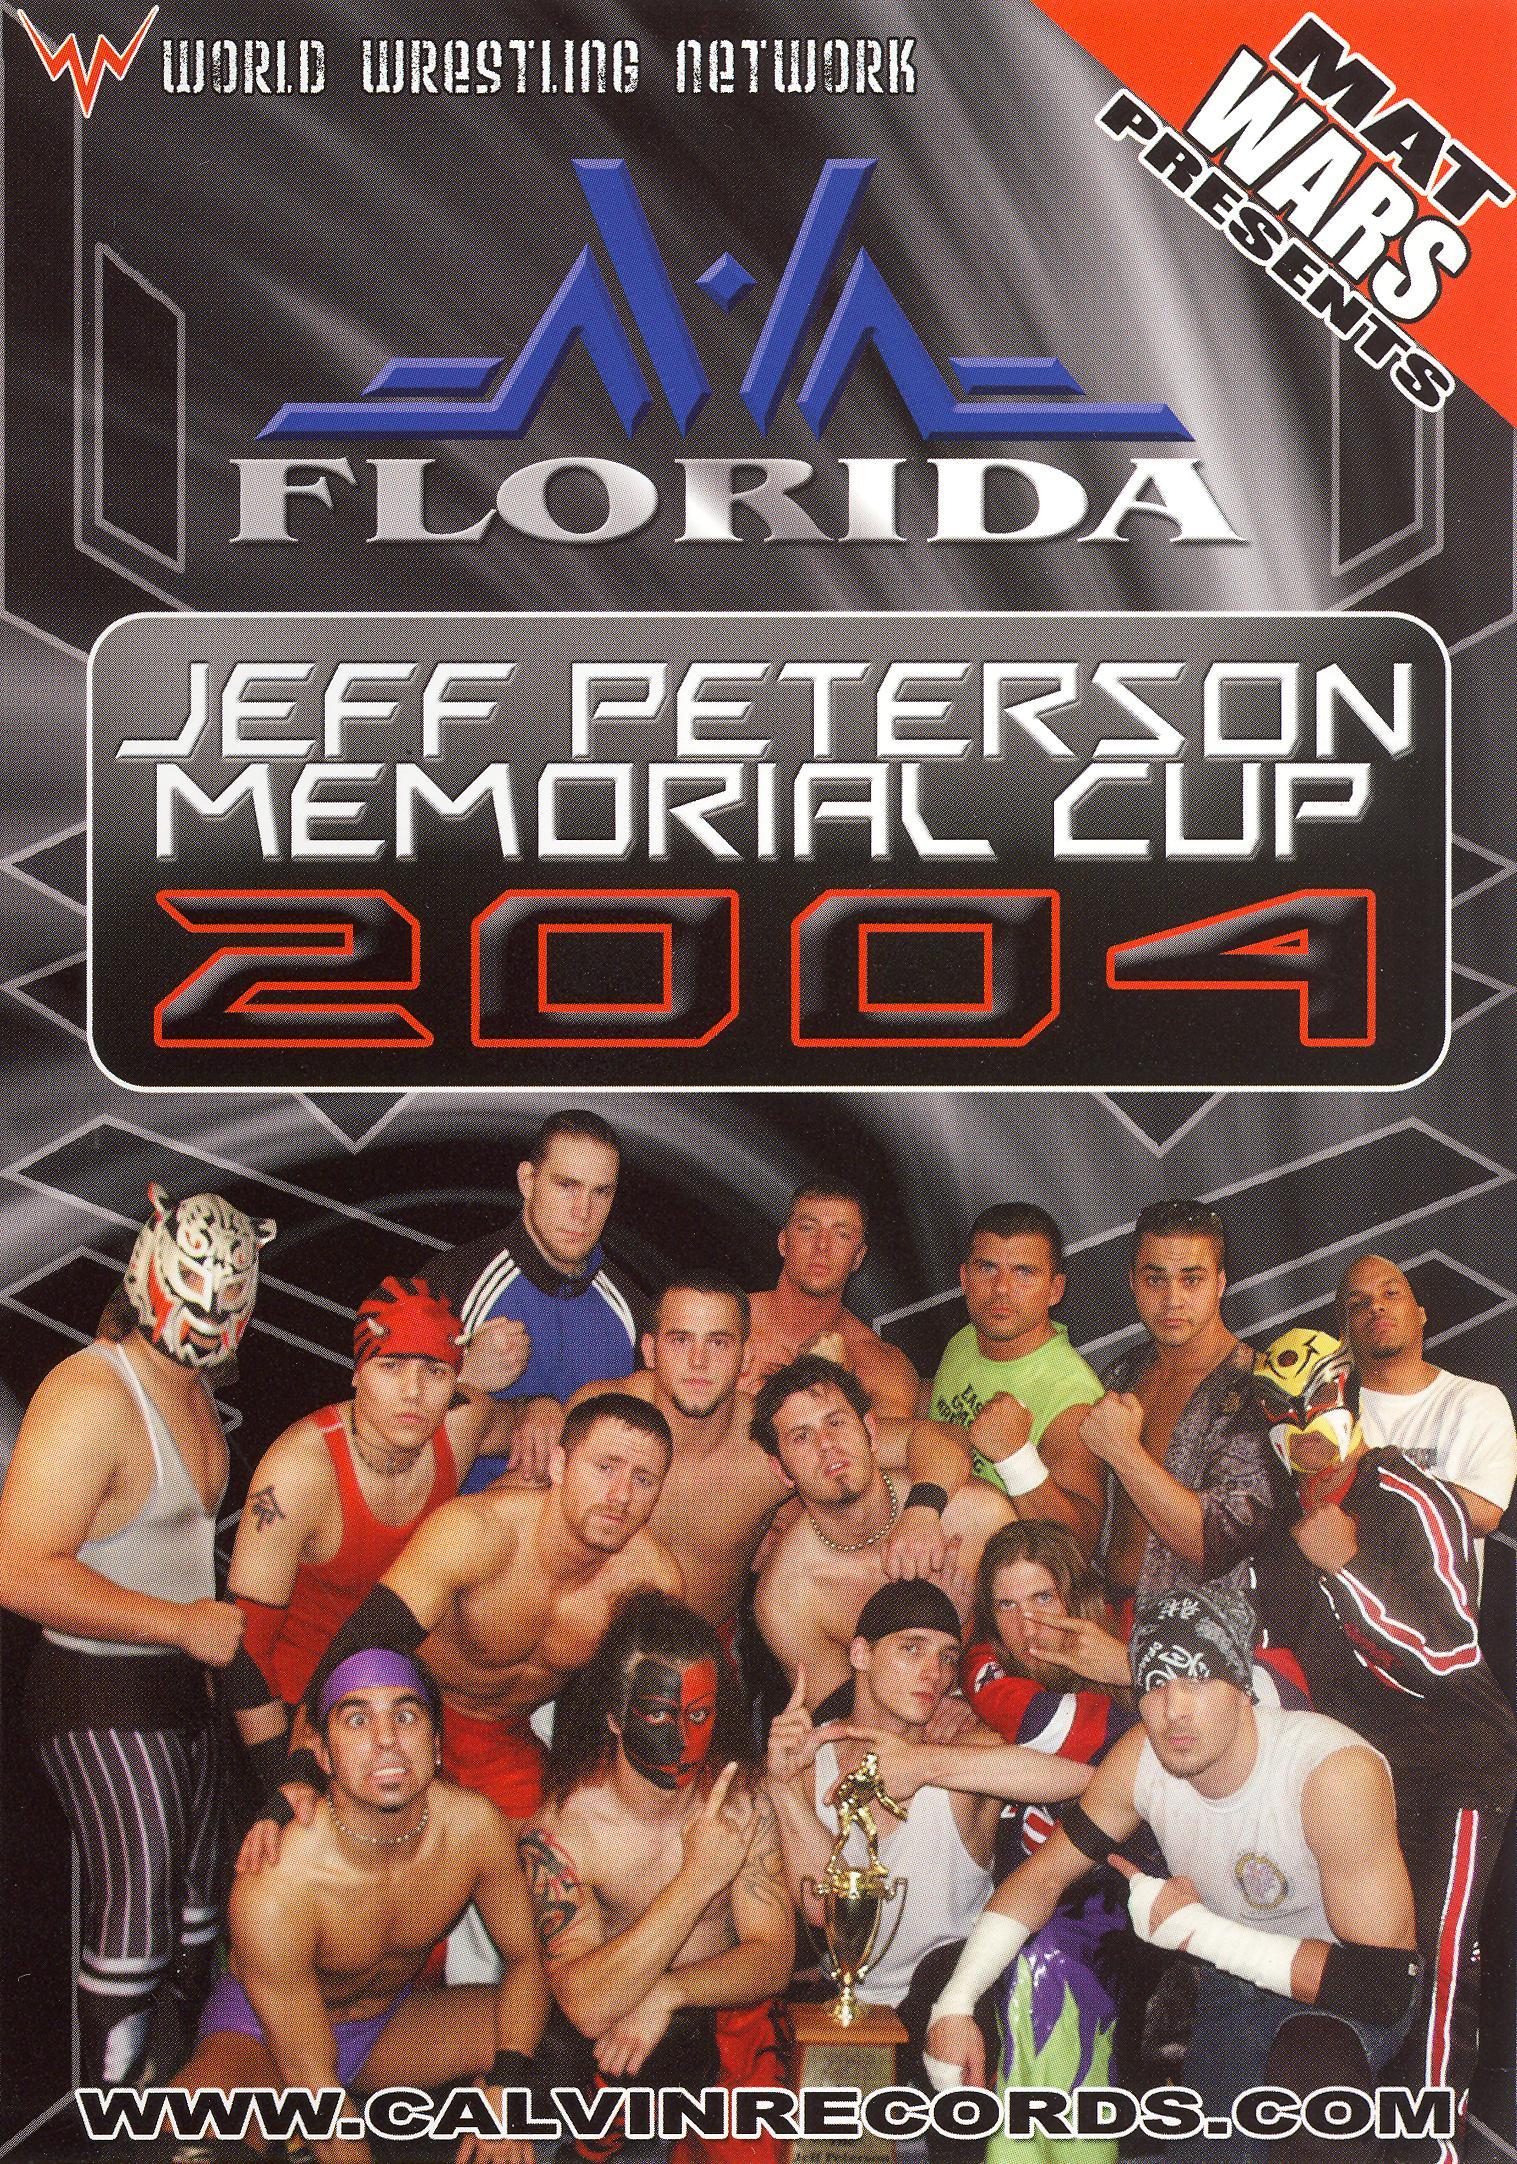 Mat Wars: NWA Florida Jeff Peterson Memorial Cup 2004